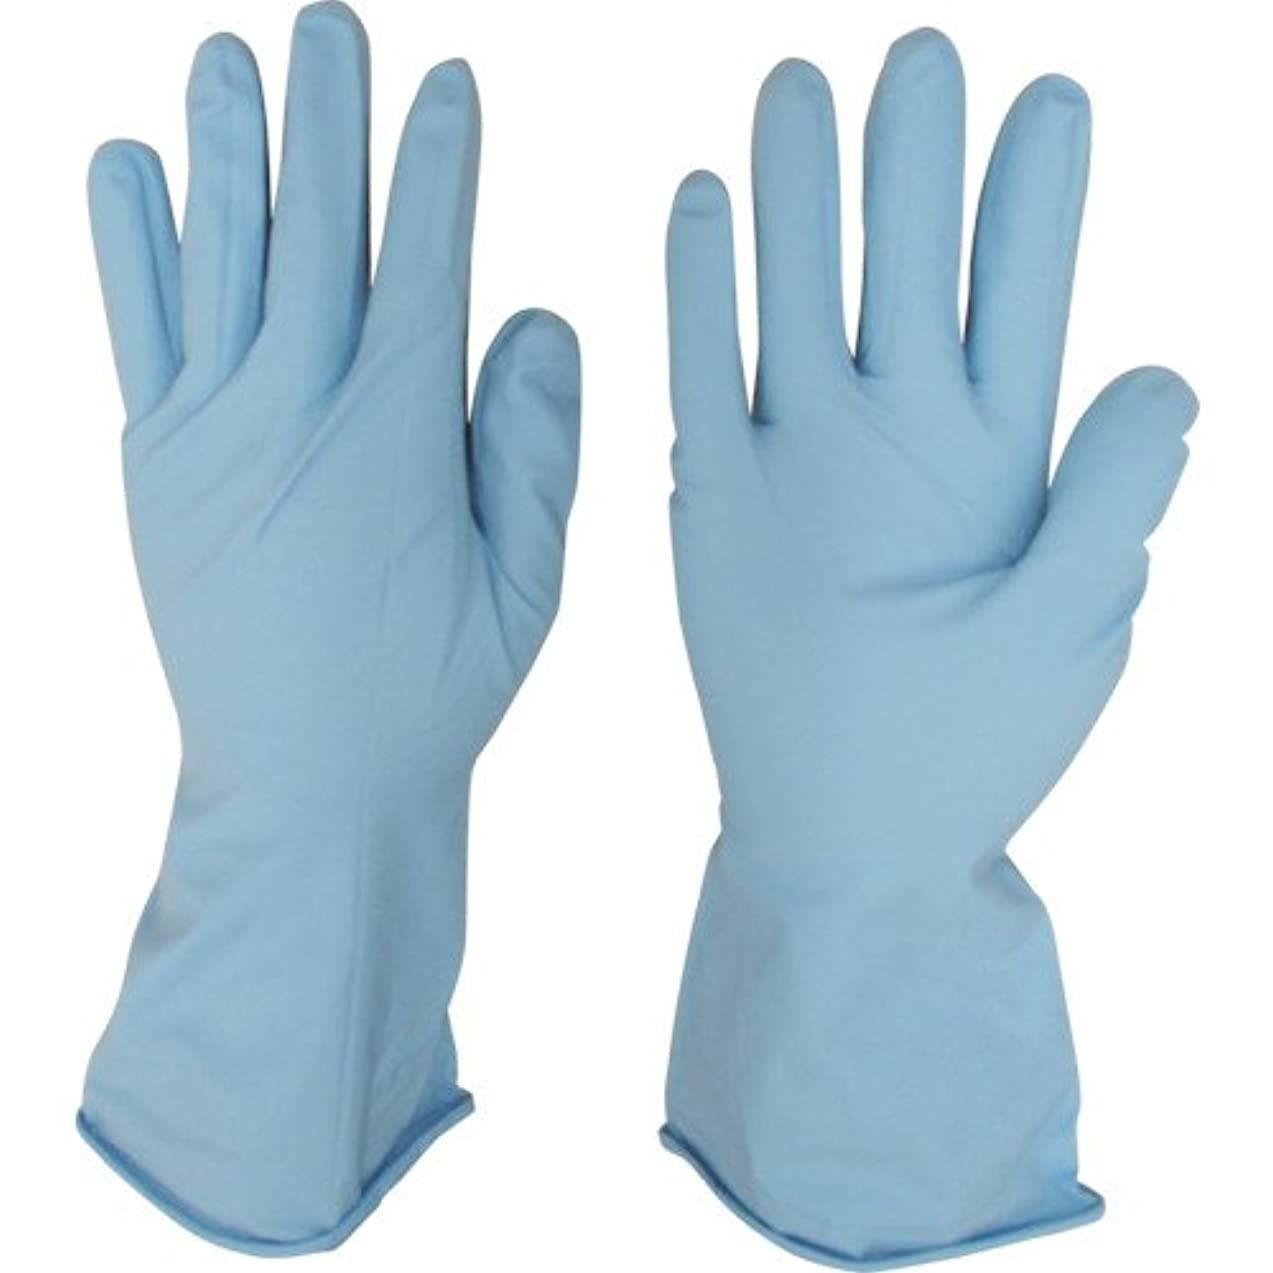 暗黙クラッシュなぜなら宇都宮製作 作業用手袋 シンガーニトリル薄手手袋 パウダーフリー ブルー 10双入 S